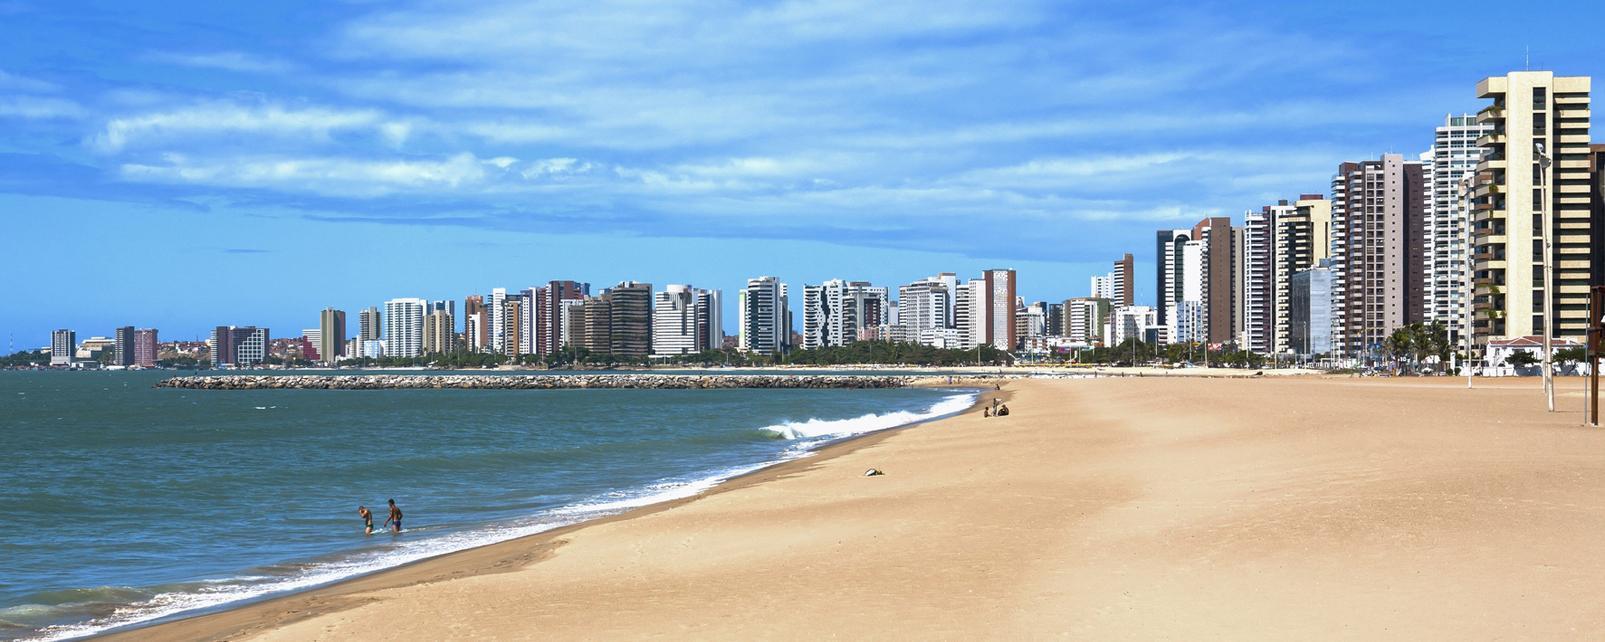 Amérique; Amérique du Sud; Brésil; Fortaleza;